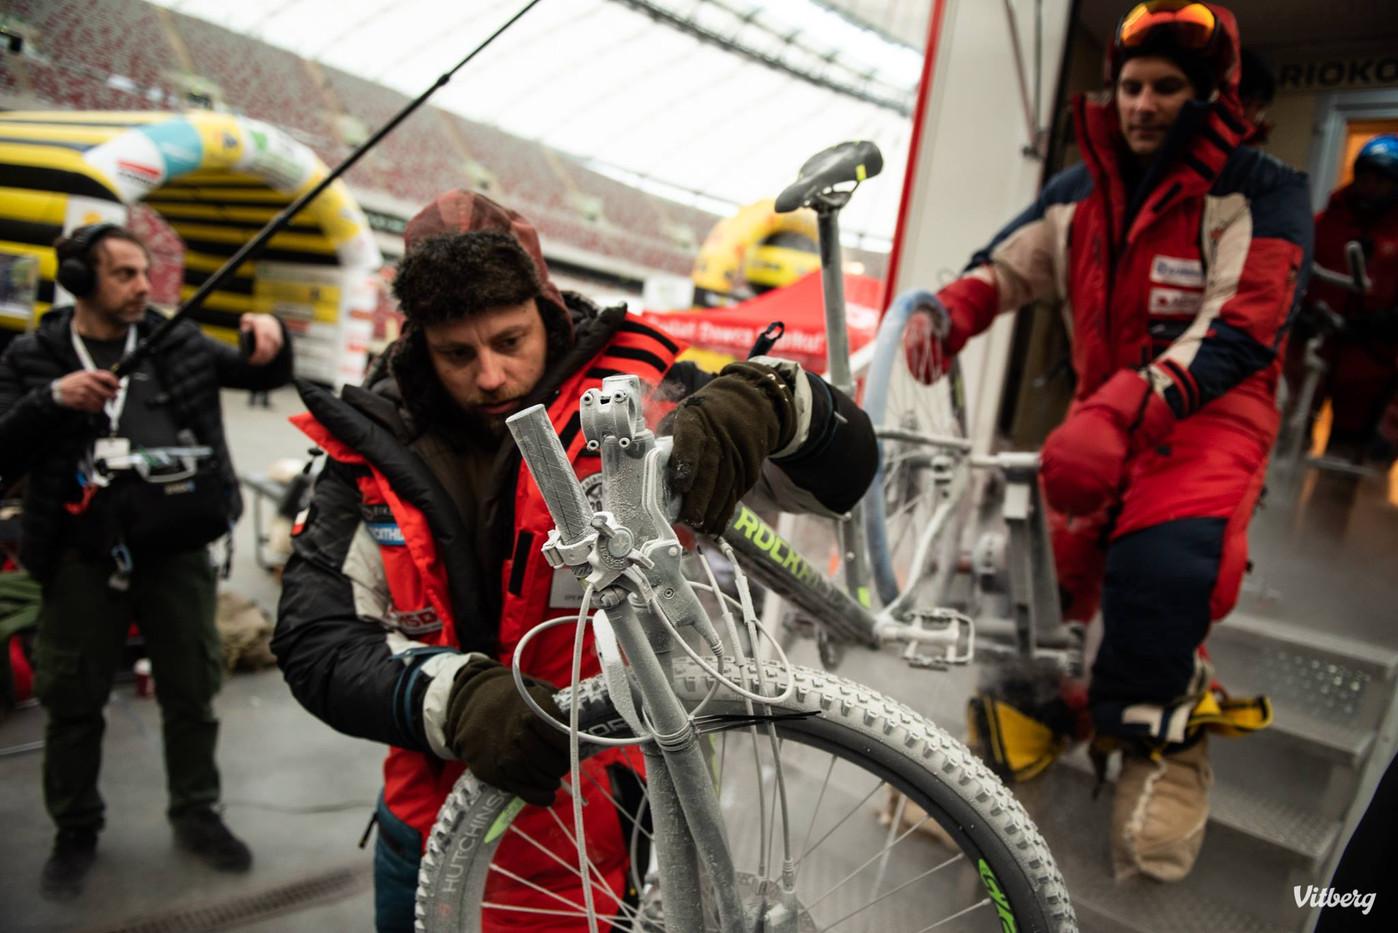 Team Romanovski z rowerami z komory